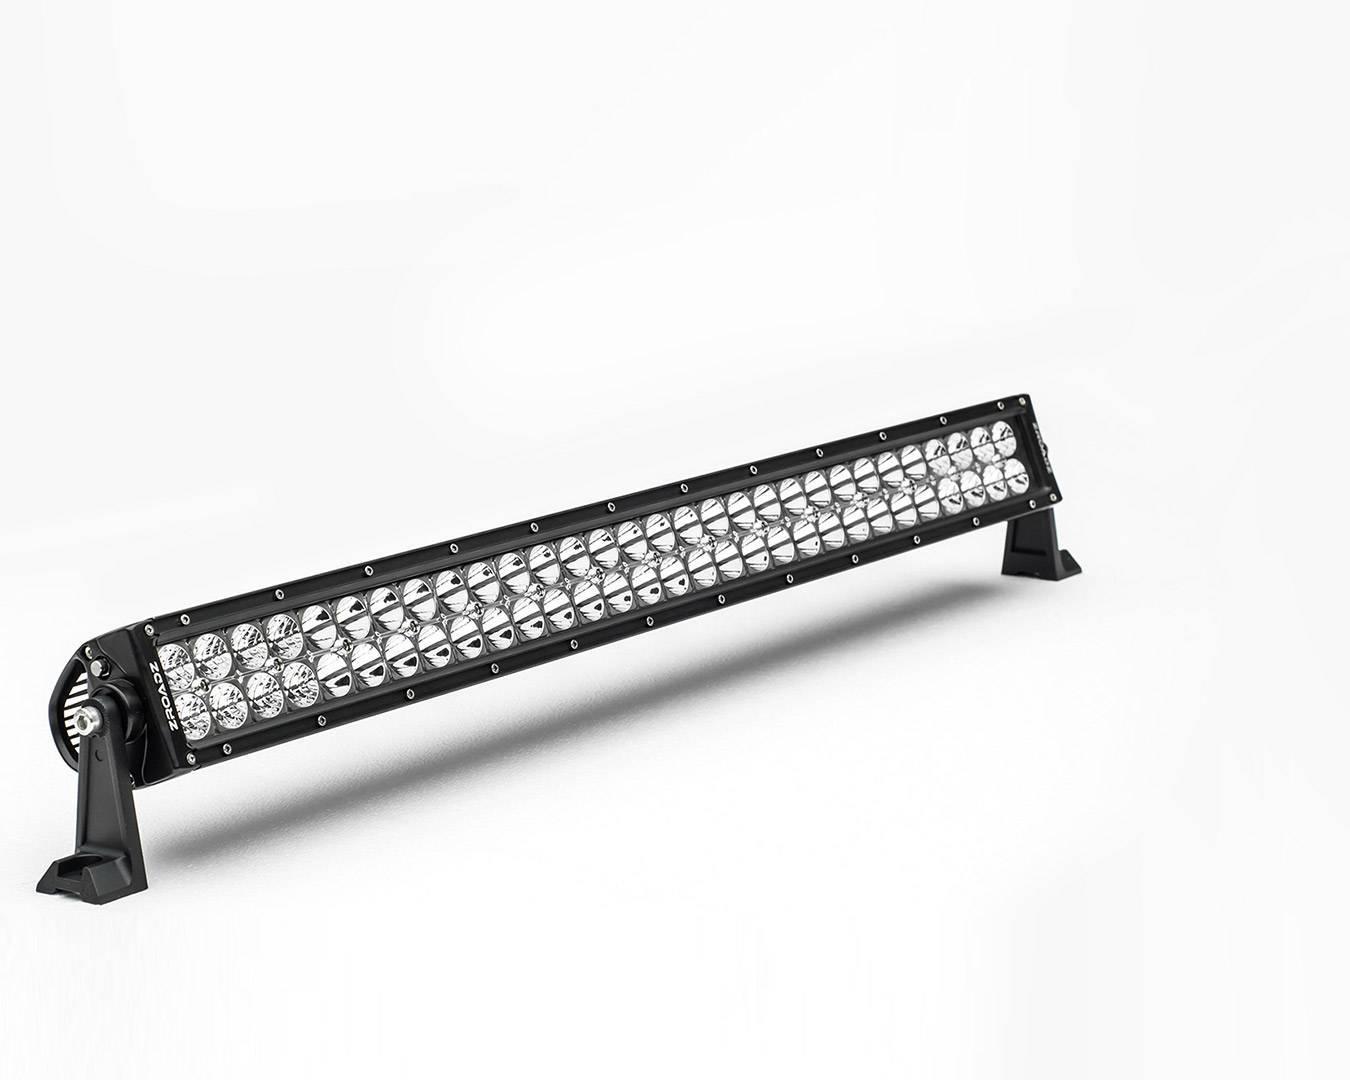 ZROADZ - 30 Inch LED Straight Double Row Light Bar - PN #Z30BC14W180